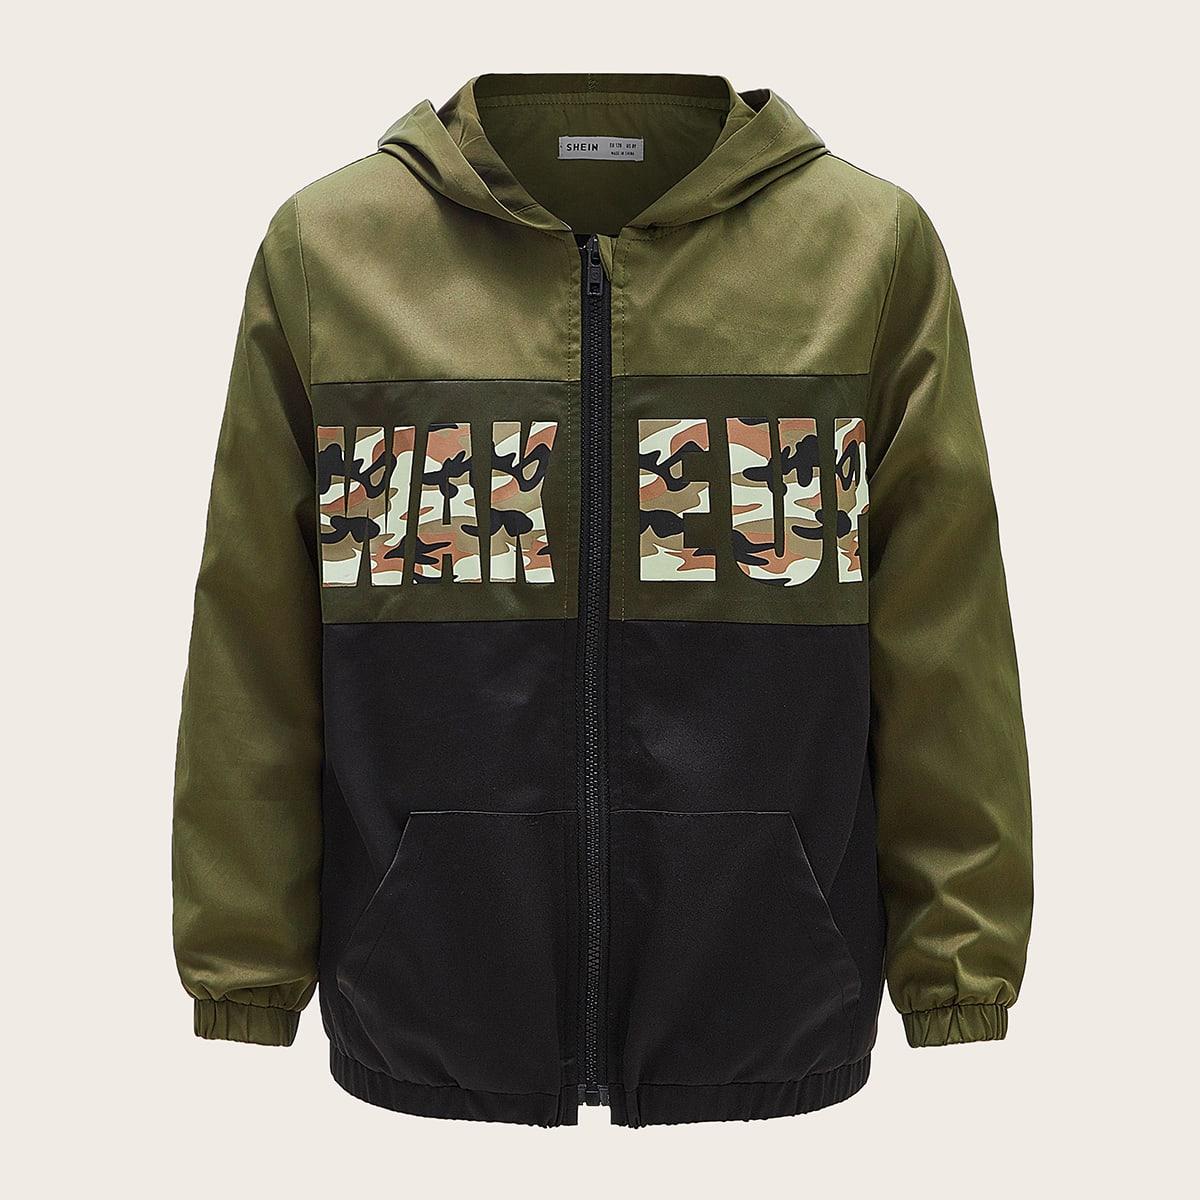 Контрастная куртка с капюшоном, молнией и текстовым принтом для мальчиков от SHEIN